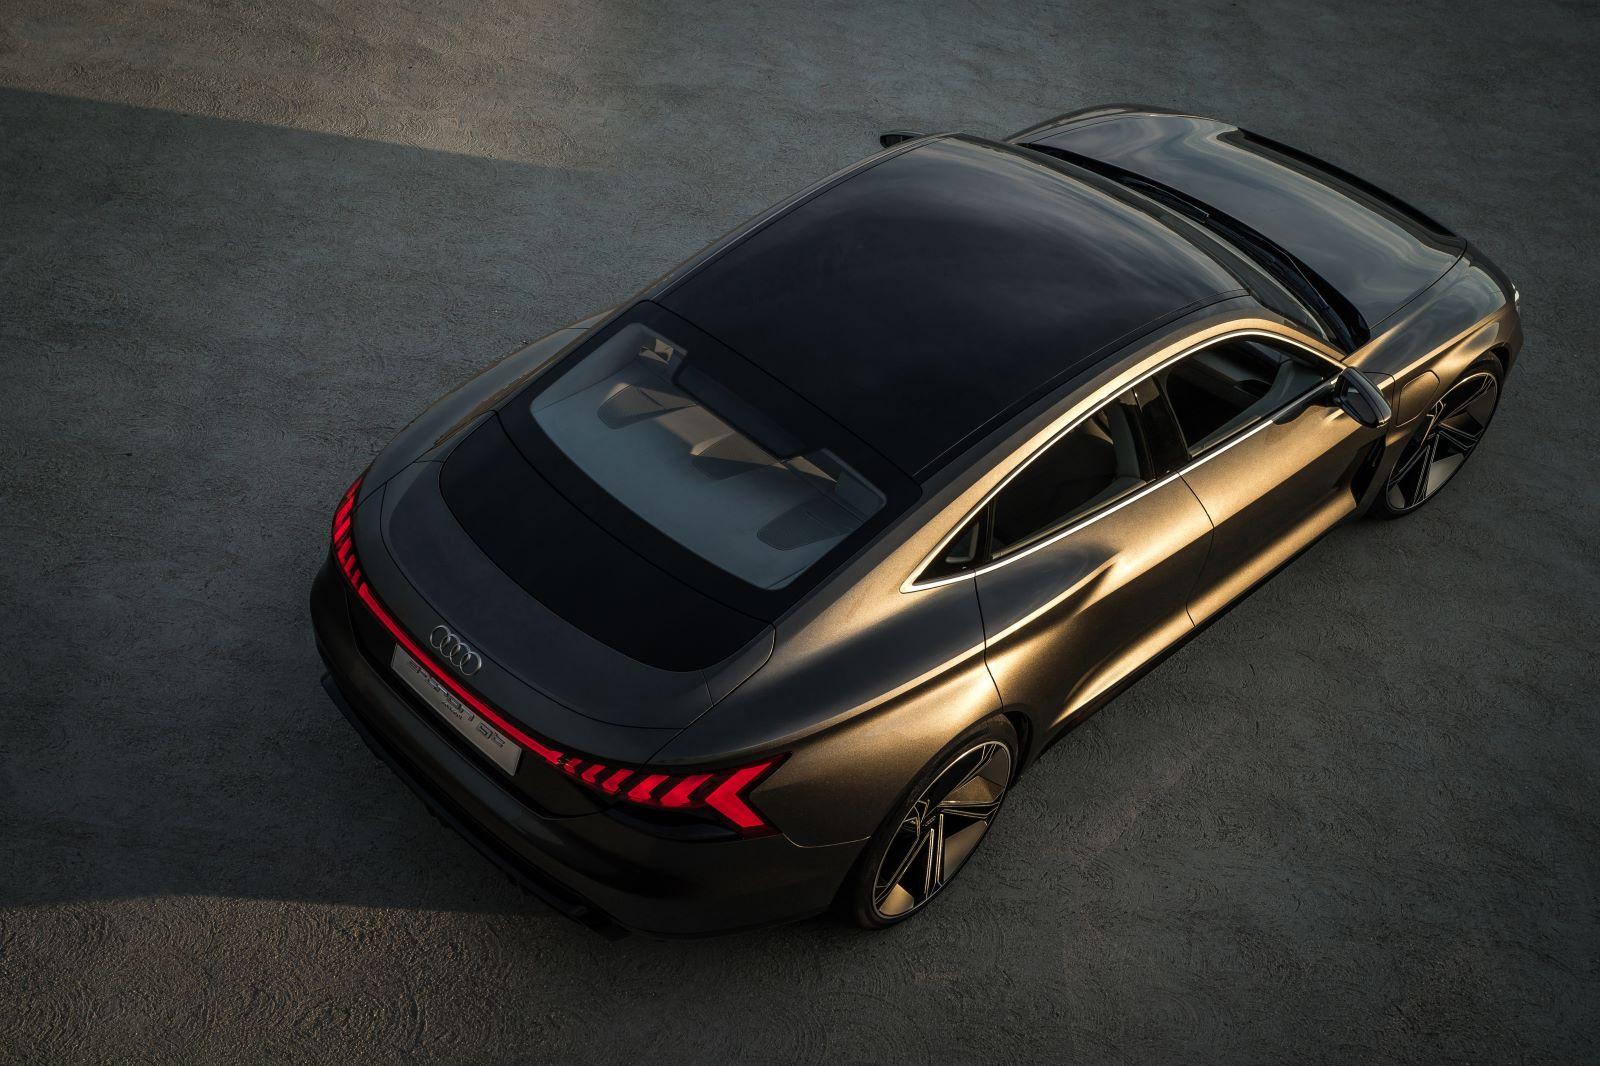 奥迪e-tron GT年内量产上市 开启奥迪运动RS车型电动化之路